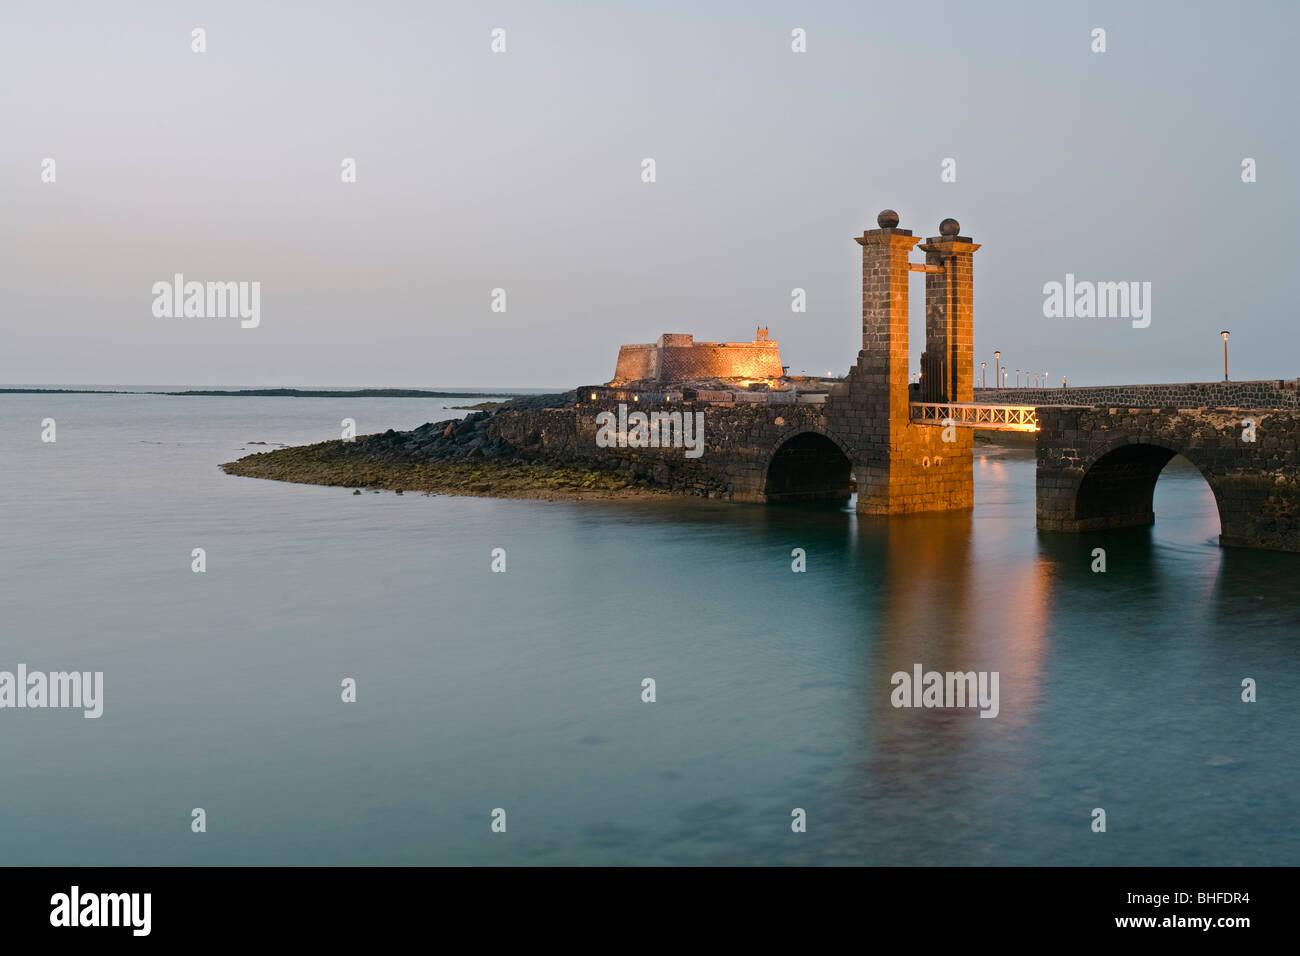 16th. century castle, Castillo de San Gabriel, with drawbridge, bridge, Puente de las Bolas, Arrecife, Lanzarote, Stock Photo